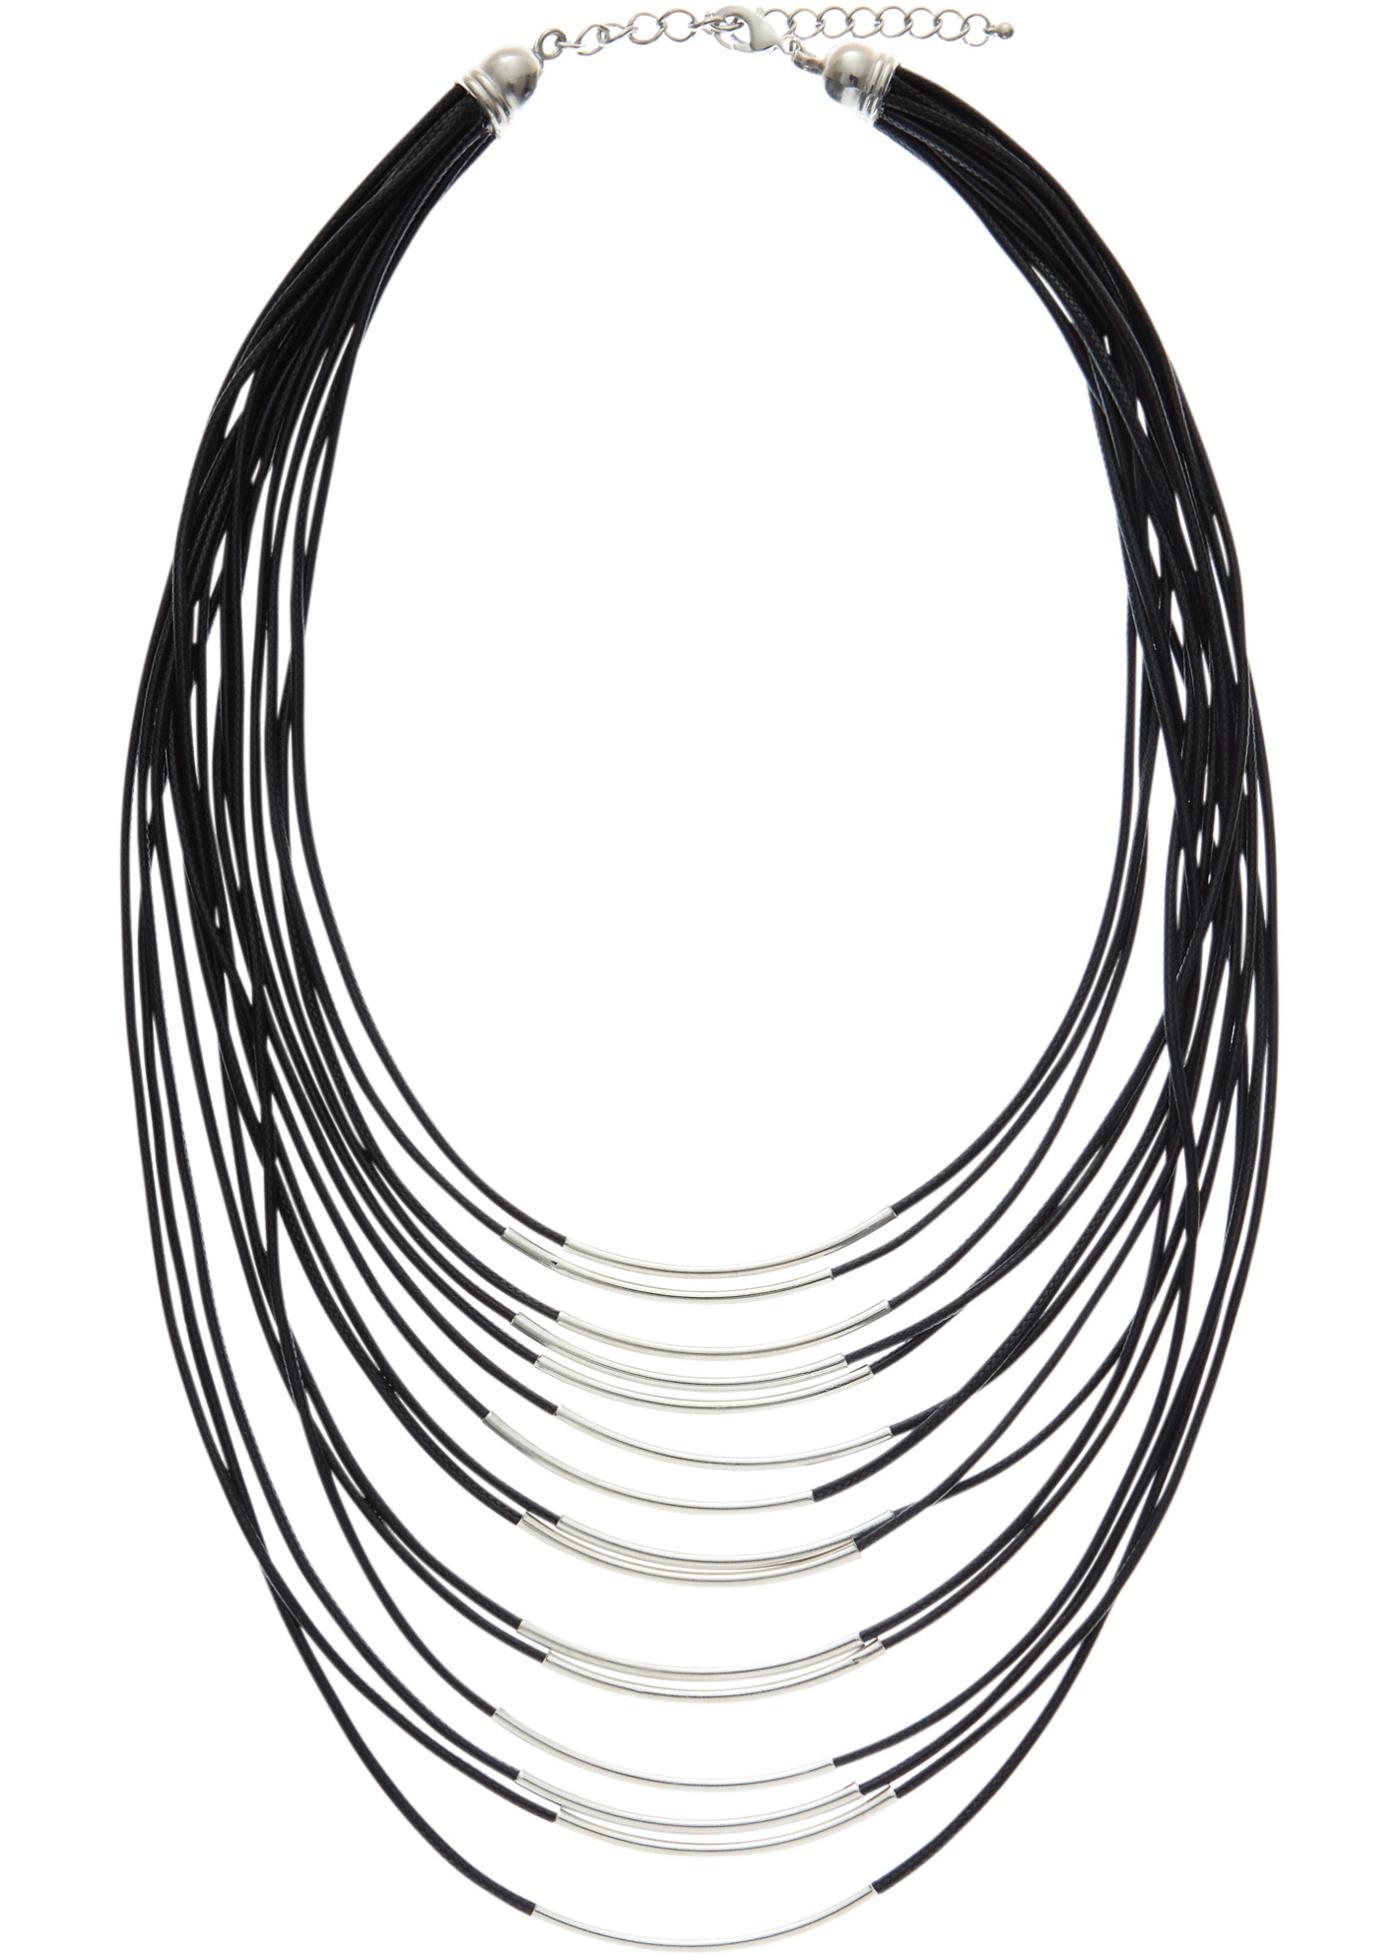 Un accessoire chic à avoir absolument dans sa boîte à bijoux. Longueur (intérieur) : env. 45 cm + chaînette rallonge 7 cm.